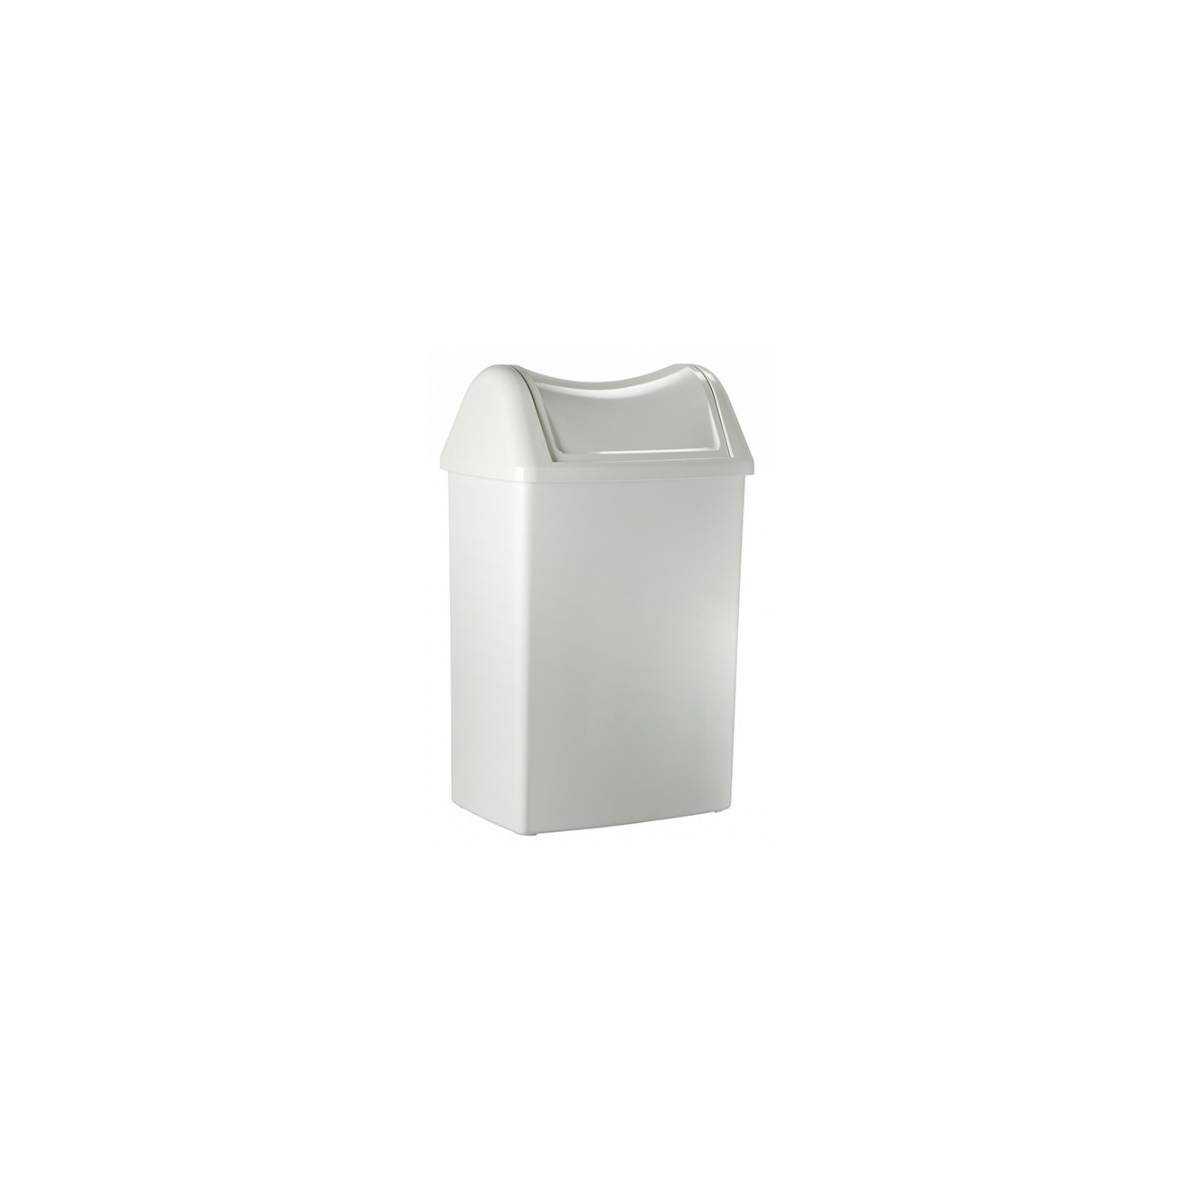 Урна для мусора с поворотной крышкой 42л ACQUALBA (820+821) 820+821 Mar Plast